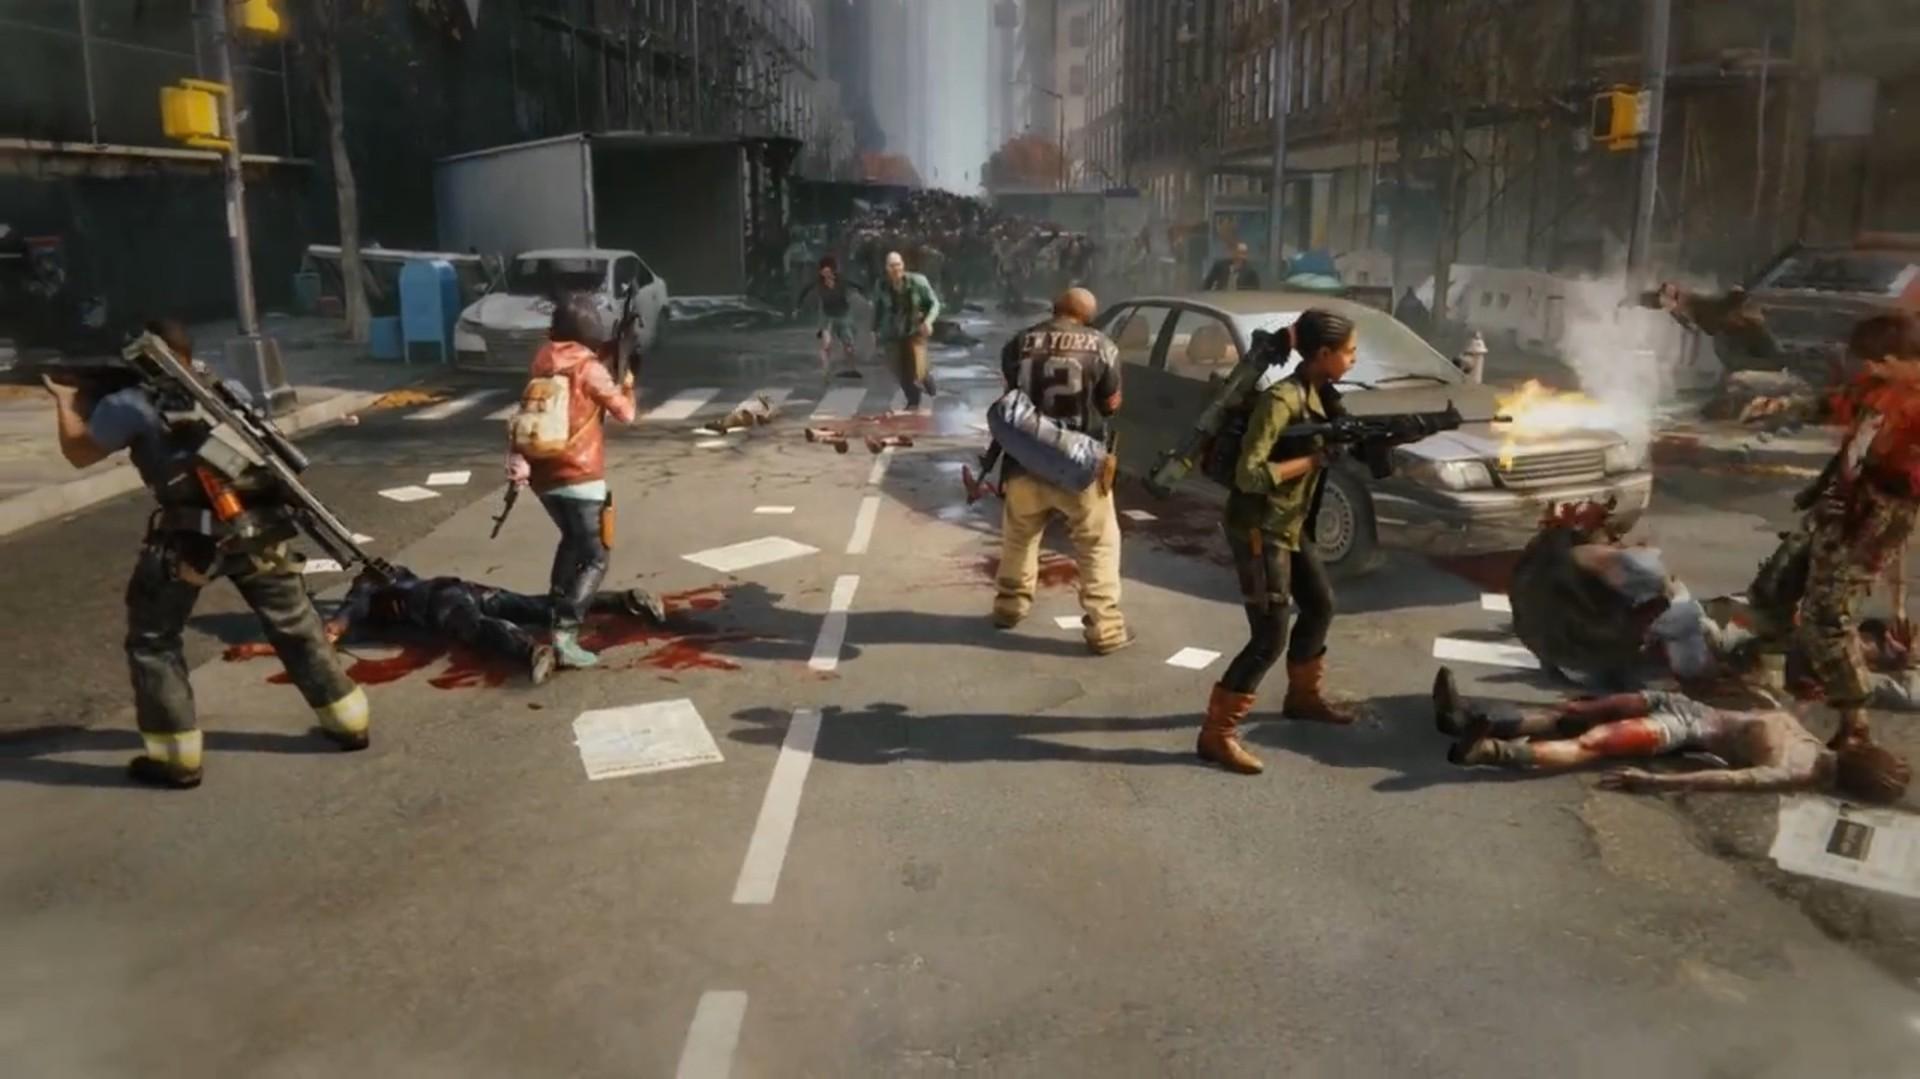 《僵尸世界大战》获澳洲评级 游戏有大量限制级内容